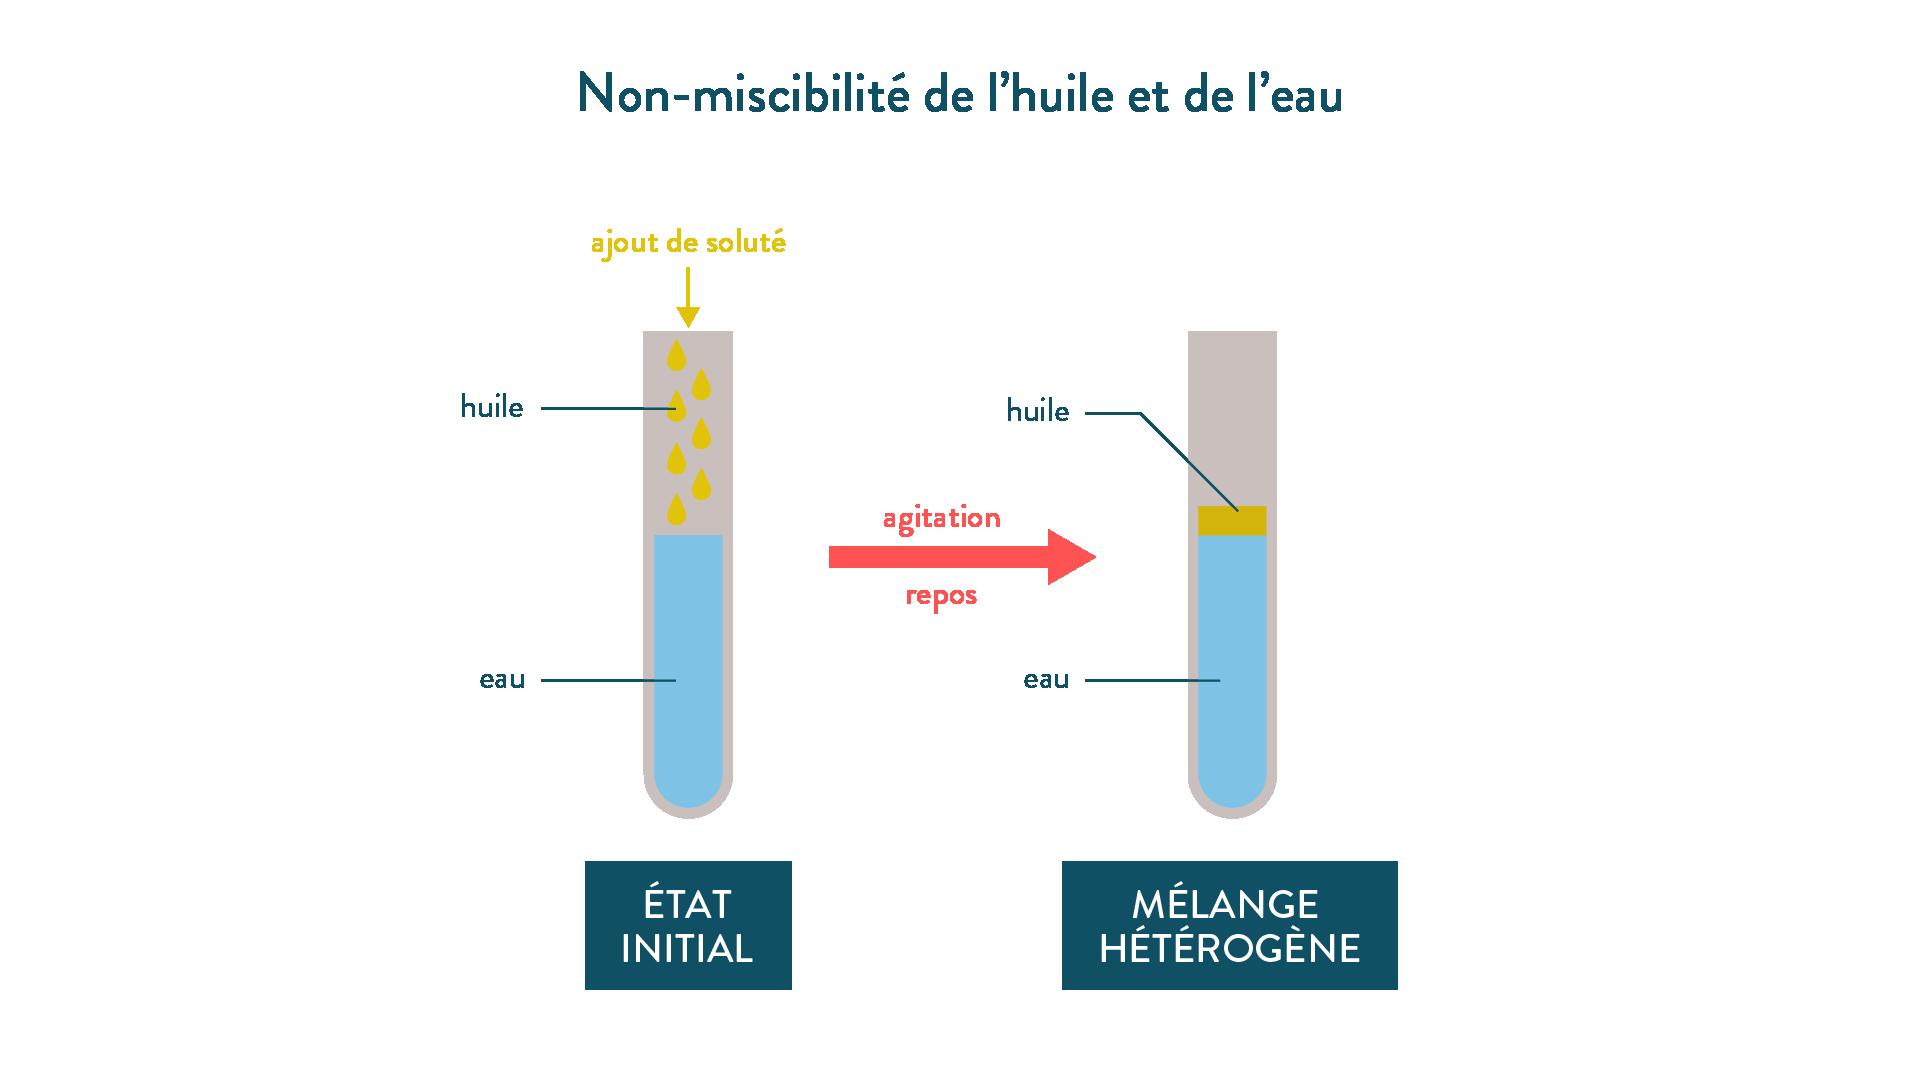 Non-miscibilité de l'huile et de l'eau